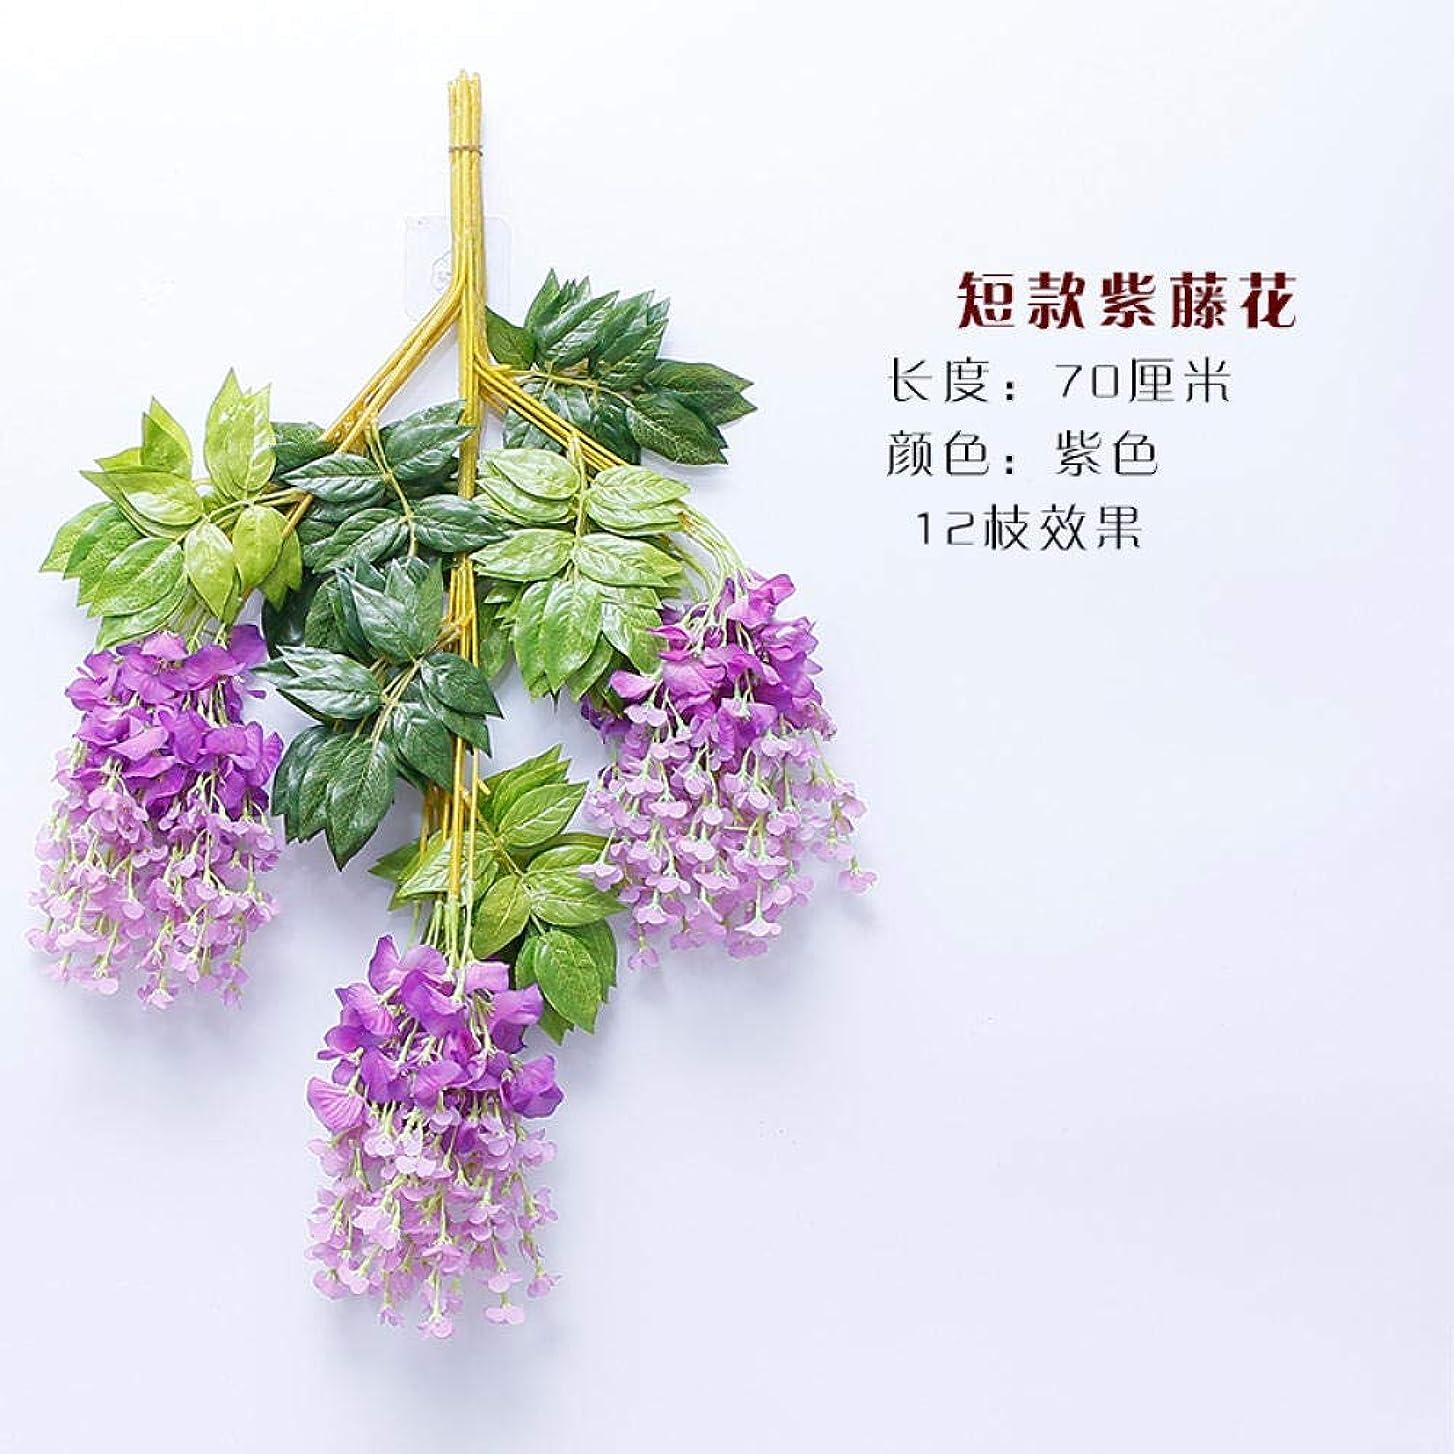 瀬戸際先行する腸Yuanyuxi結婚式の装飾造花リビングルームフェイクフラワープラスチック製の花つるシミュレーション藤花撮影屋内シーンの装飾@パープルショート